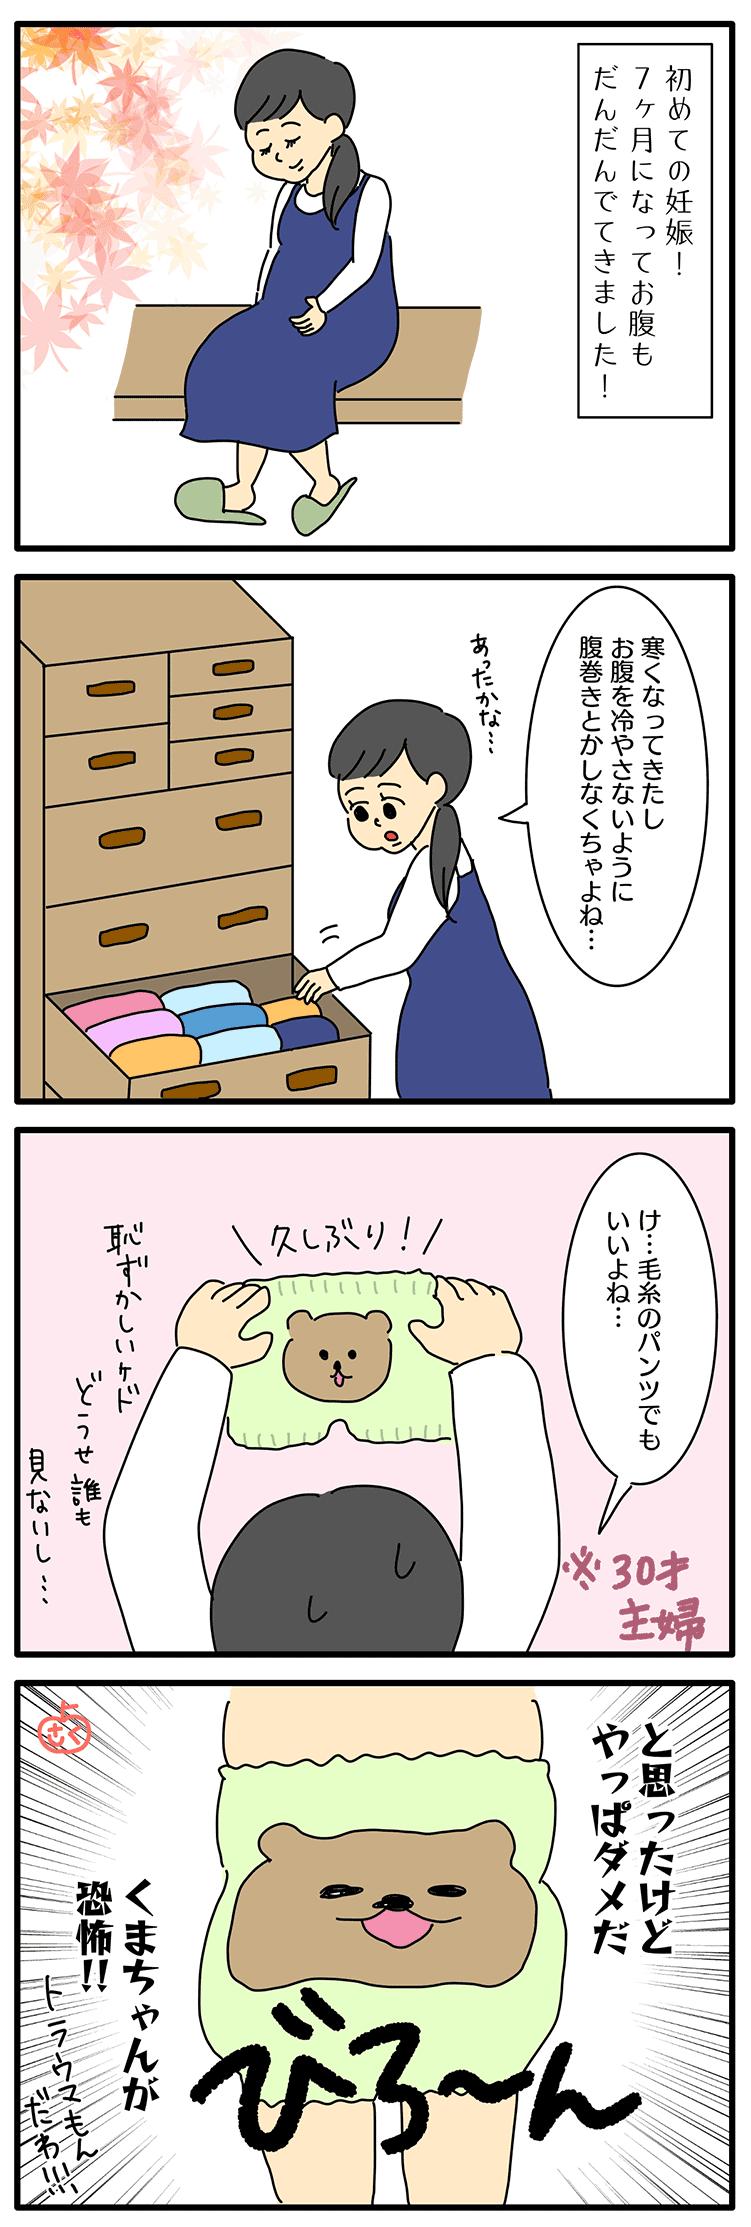 妊婦の腹巻についての永岡さくら(saku)さんの子育て4コマ漫画